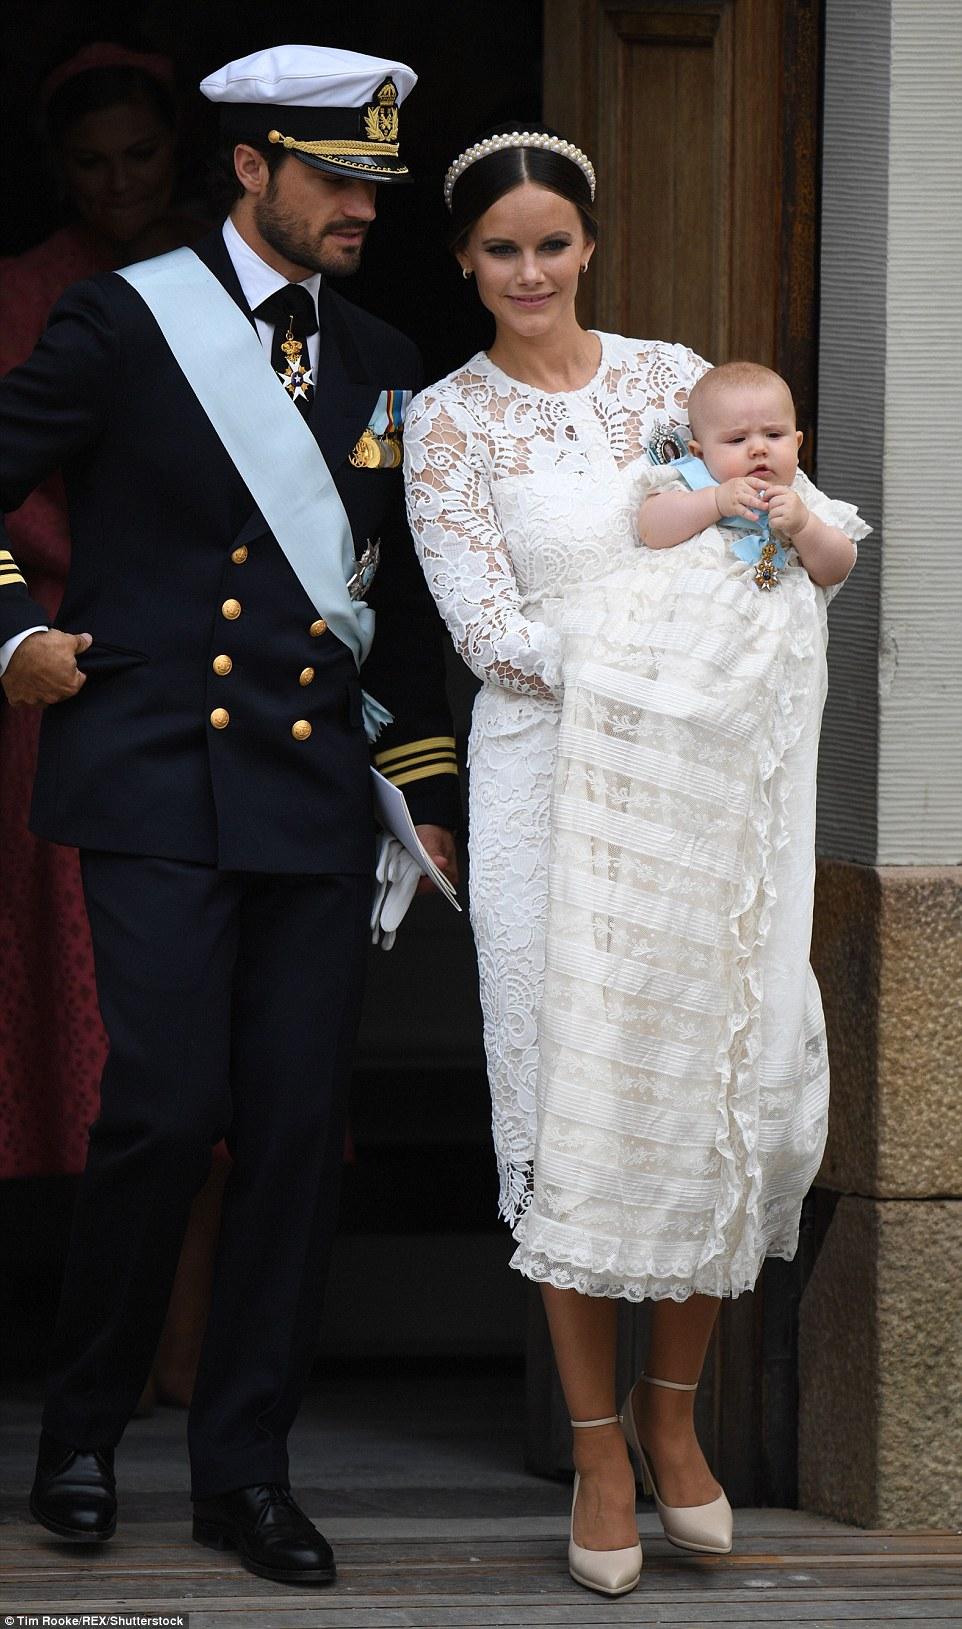 Як у Швеції принця хрестили - фото 1